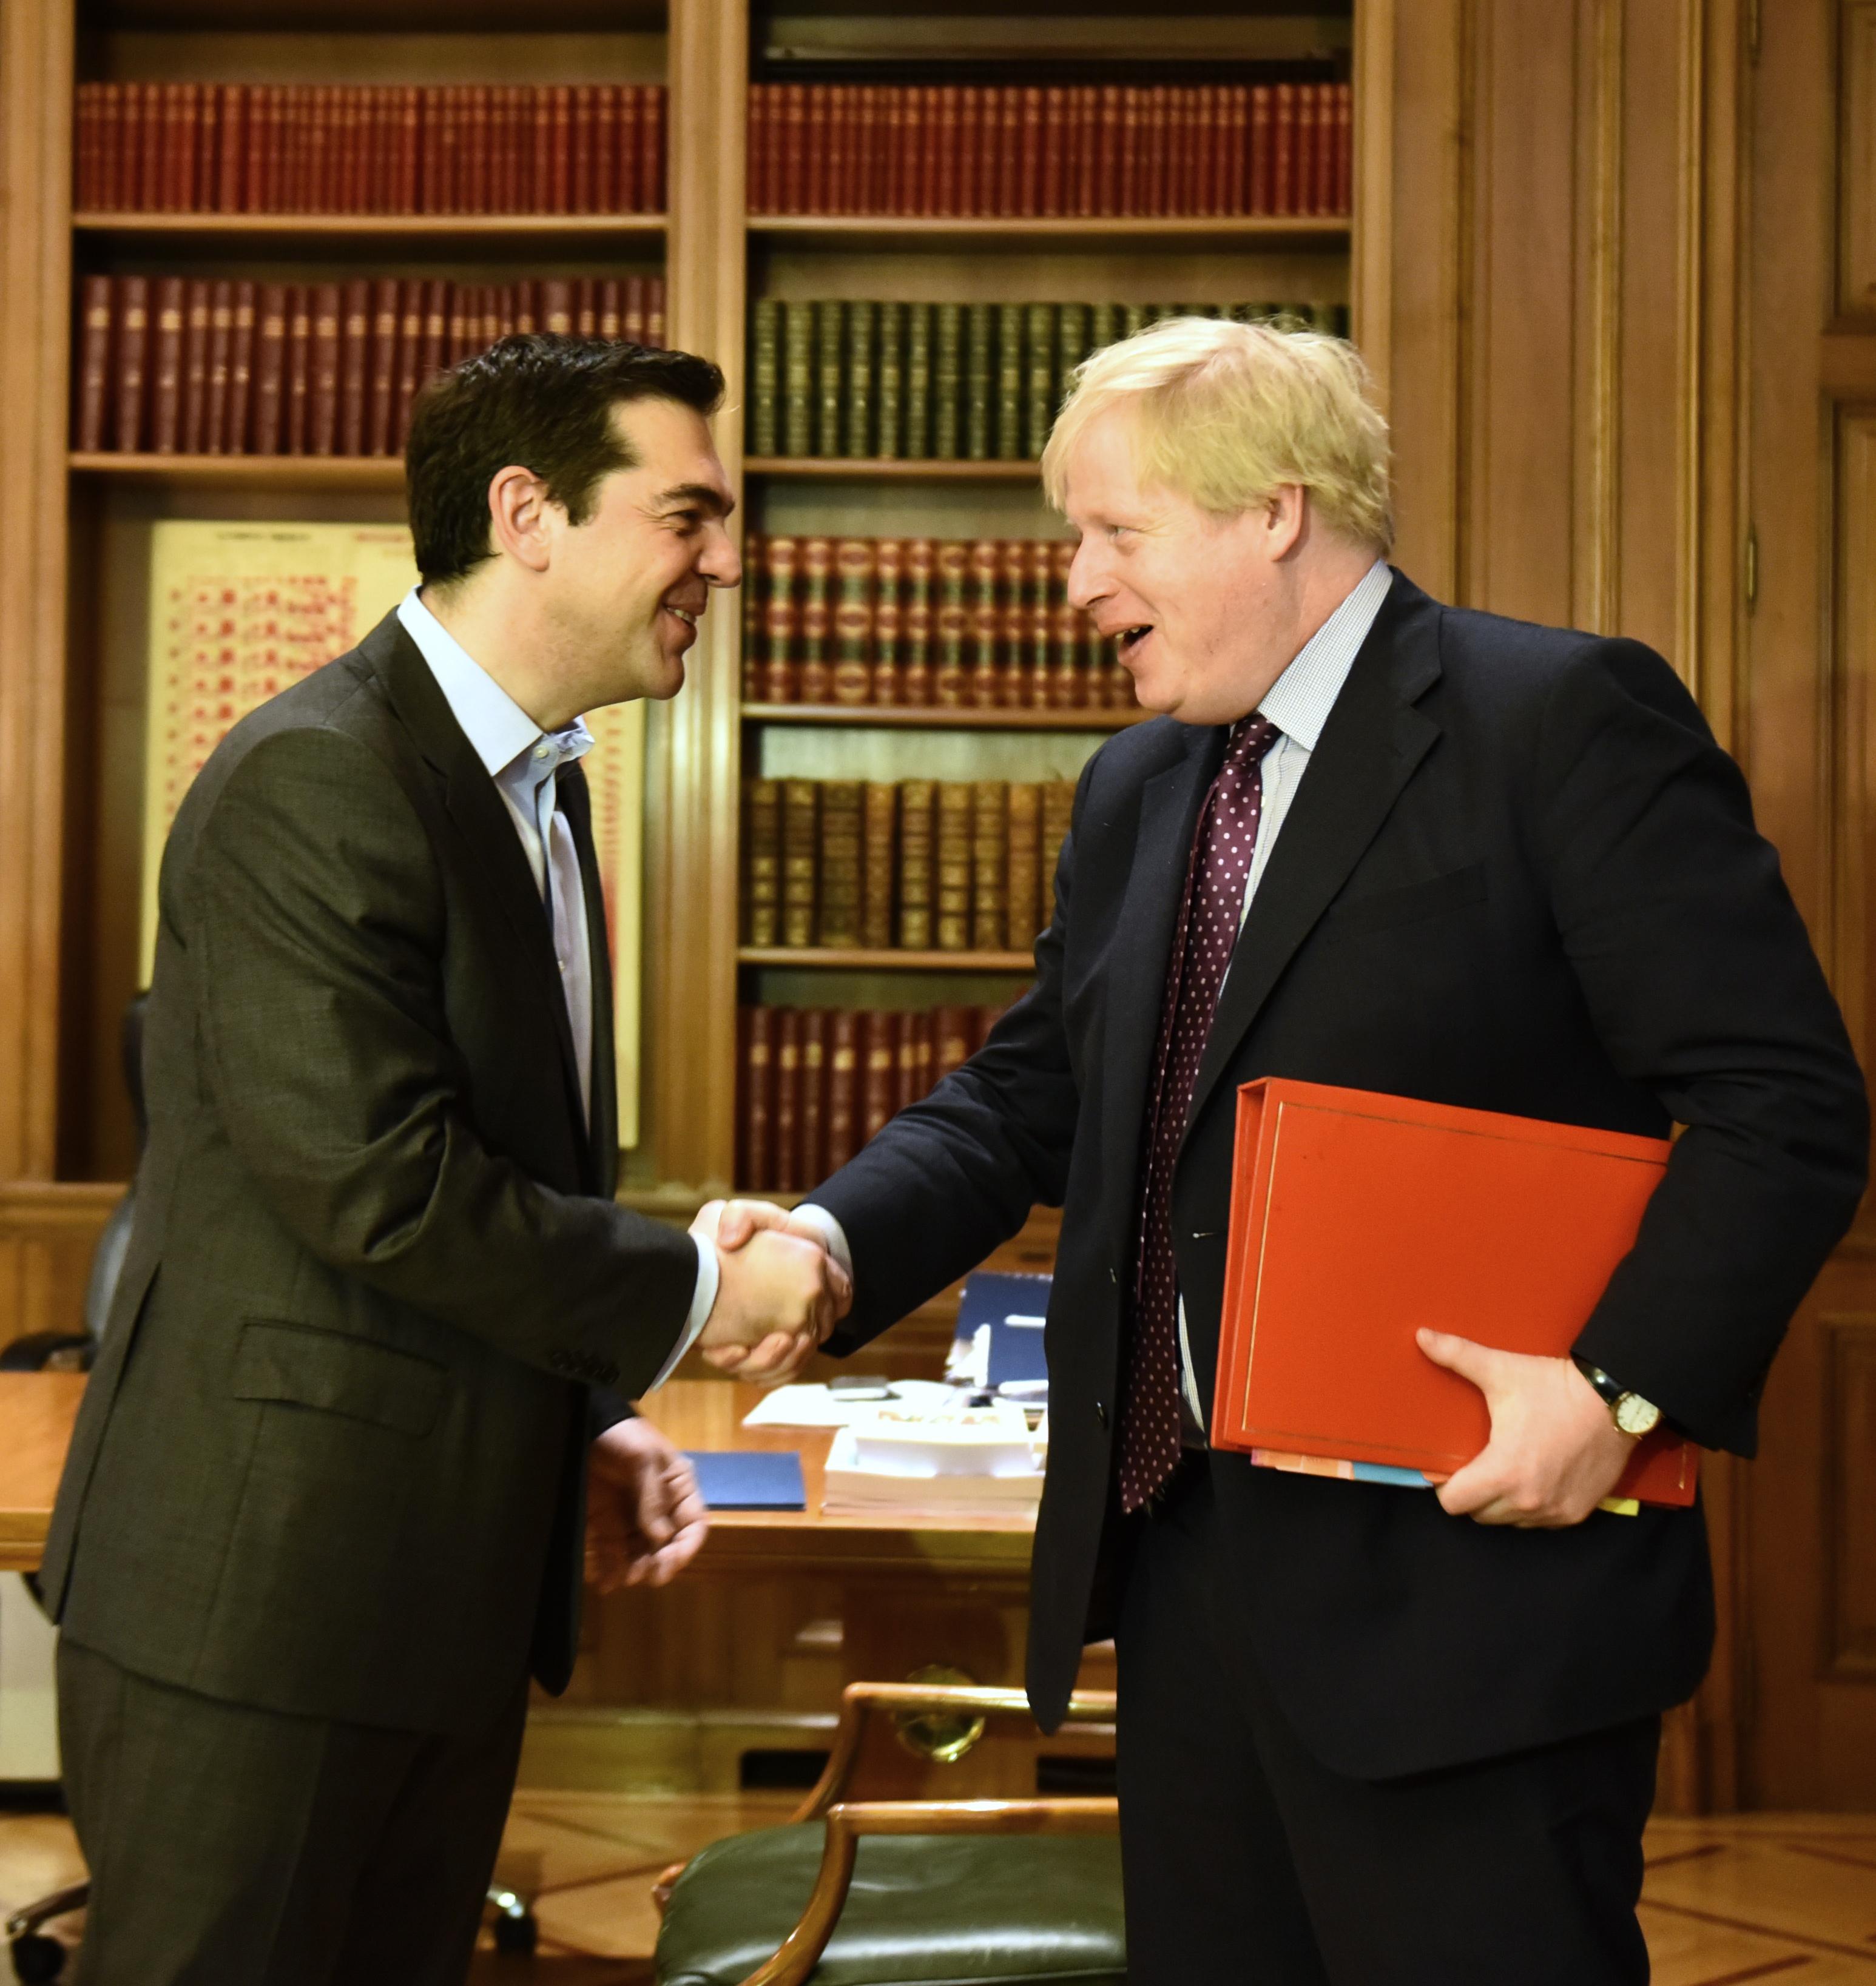 Κυπριακό και Brexit στο επίκεντρο της συνάντησης Τσίπρα - Τζόνσον